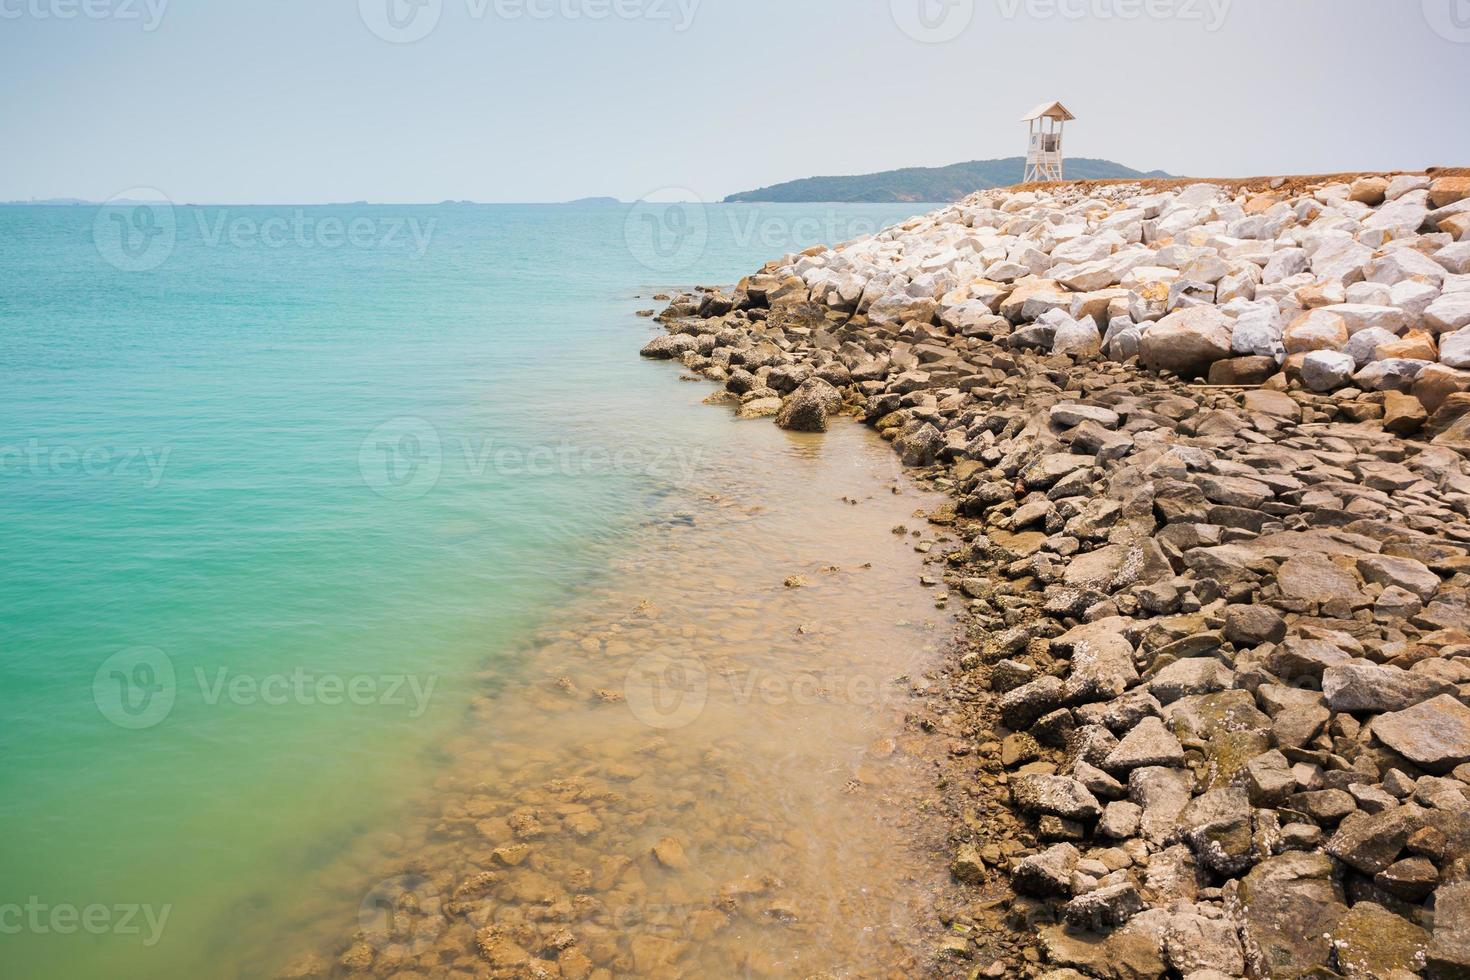 oceano azul brilhante com uma costa rochosa foto